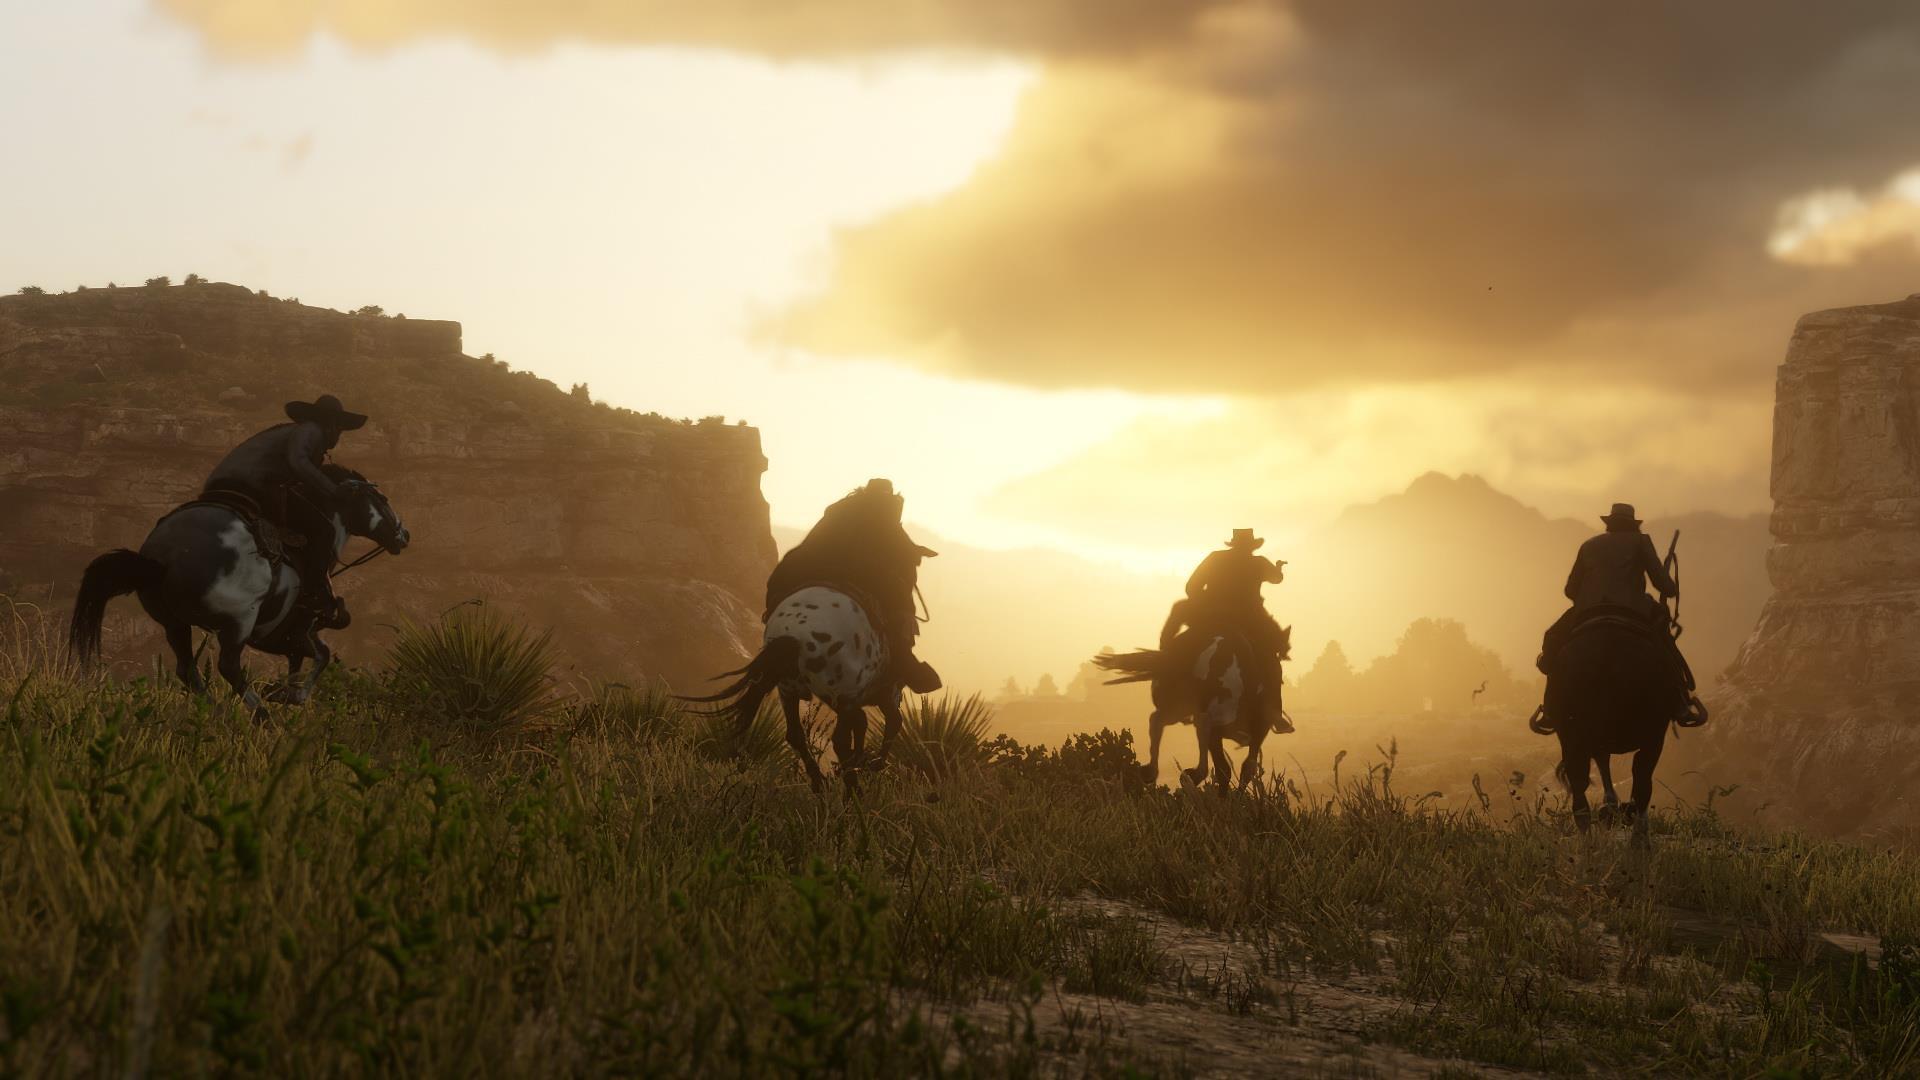 Neue Screenshots zu Red Dead Redemption 2 zeigen Tierwelt, Open World und Charaktere. Bild 11 - Quelle: Rockstar Games